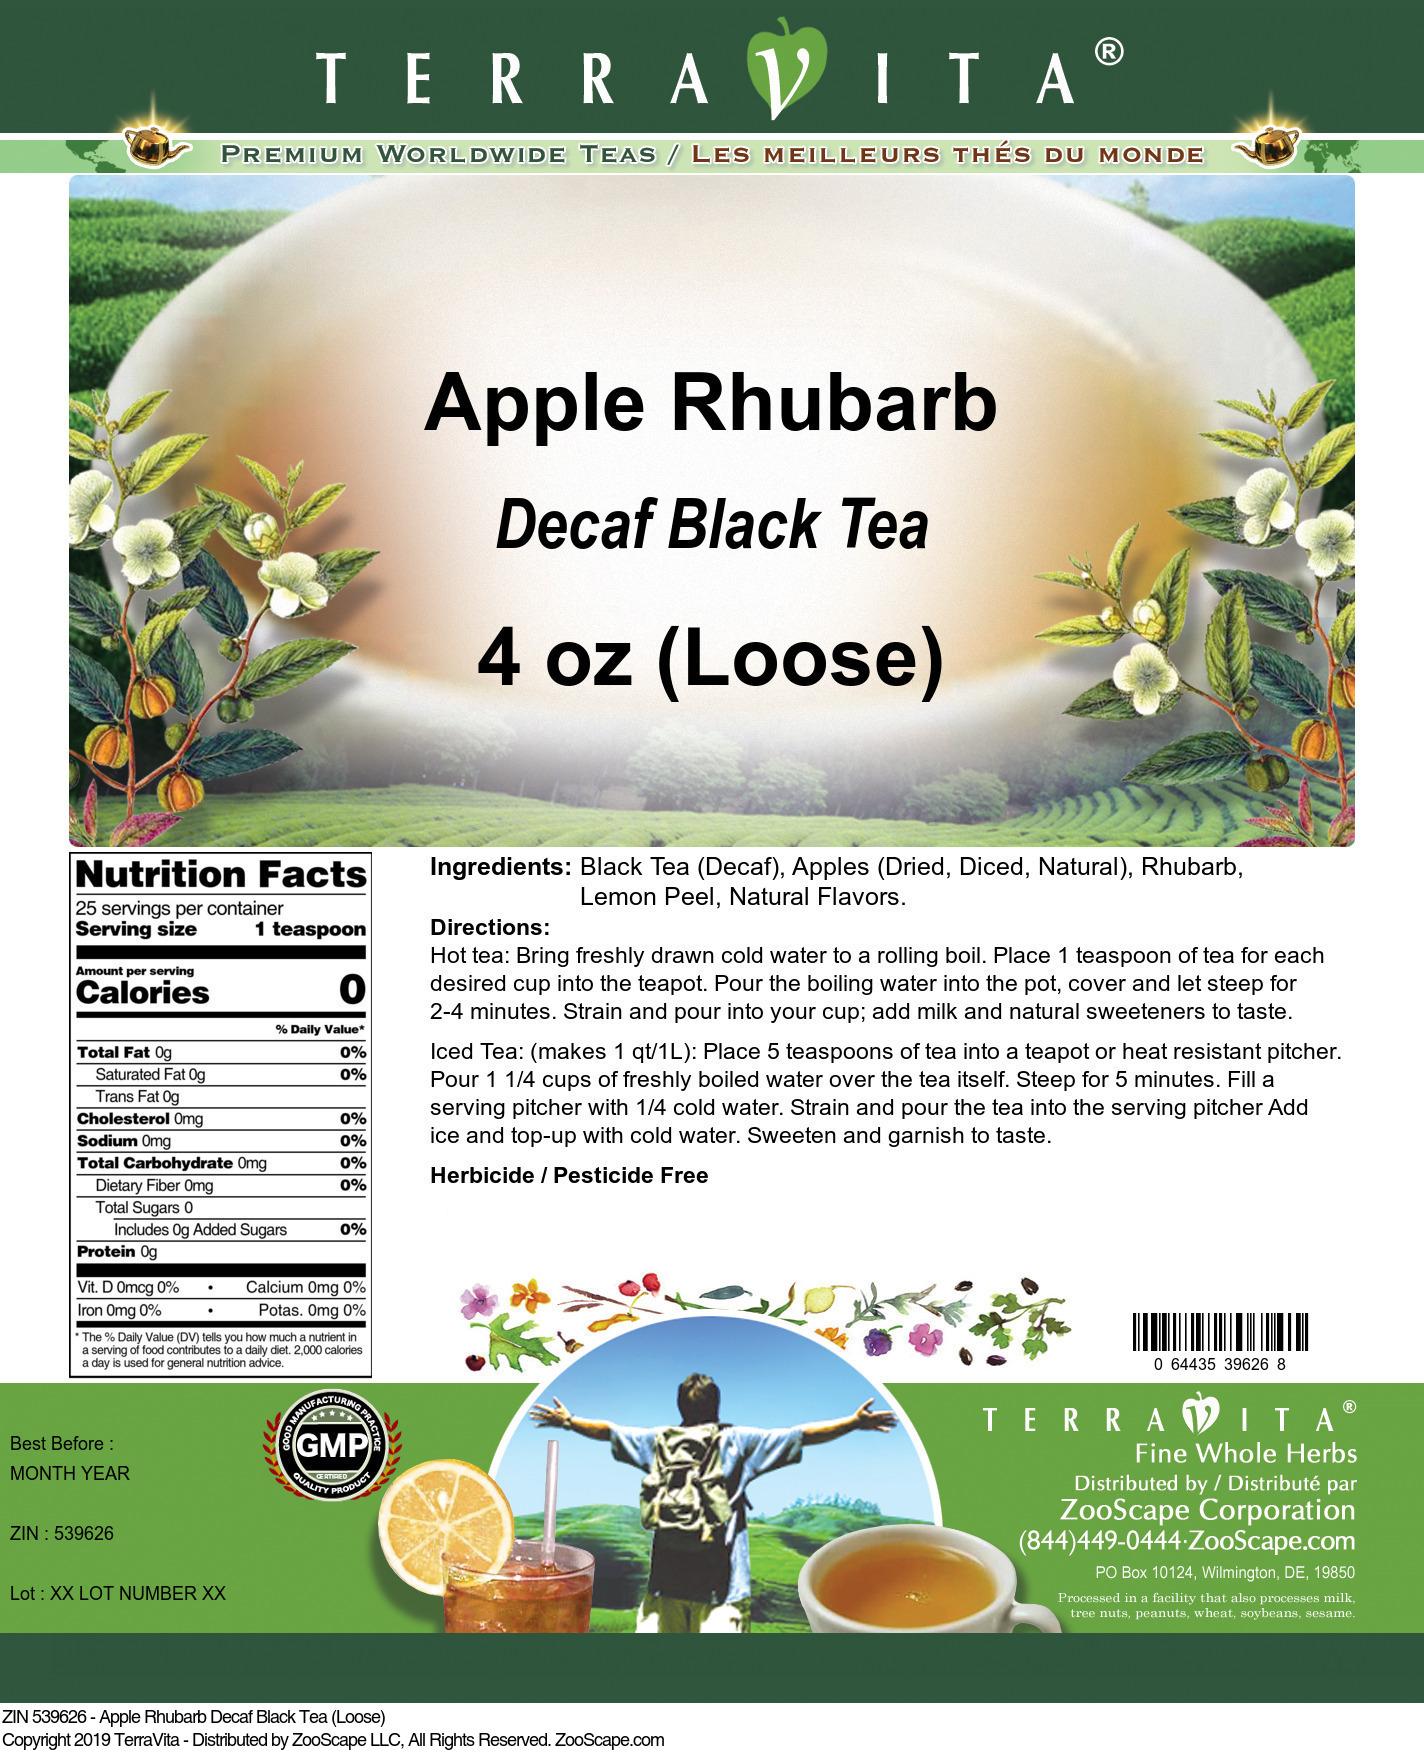 Apple Rhubarb Decaf Black Tea (Loose)